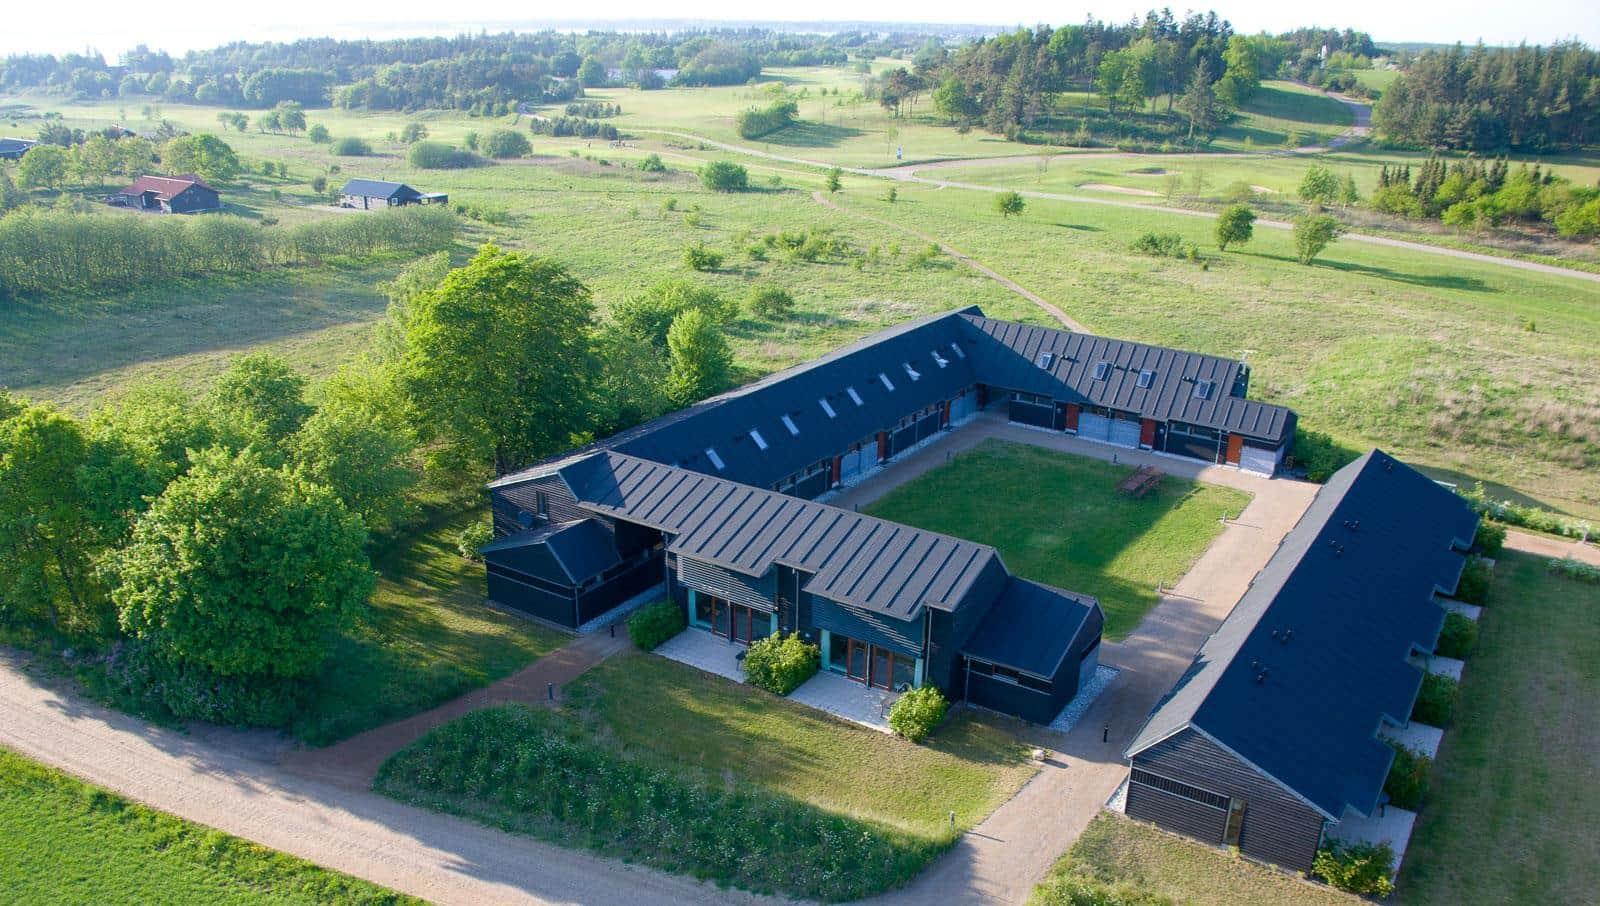 Billede 1-3 Sommerhus L15000, Lynderupvej 159, DK - 8832 Skals